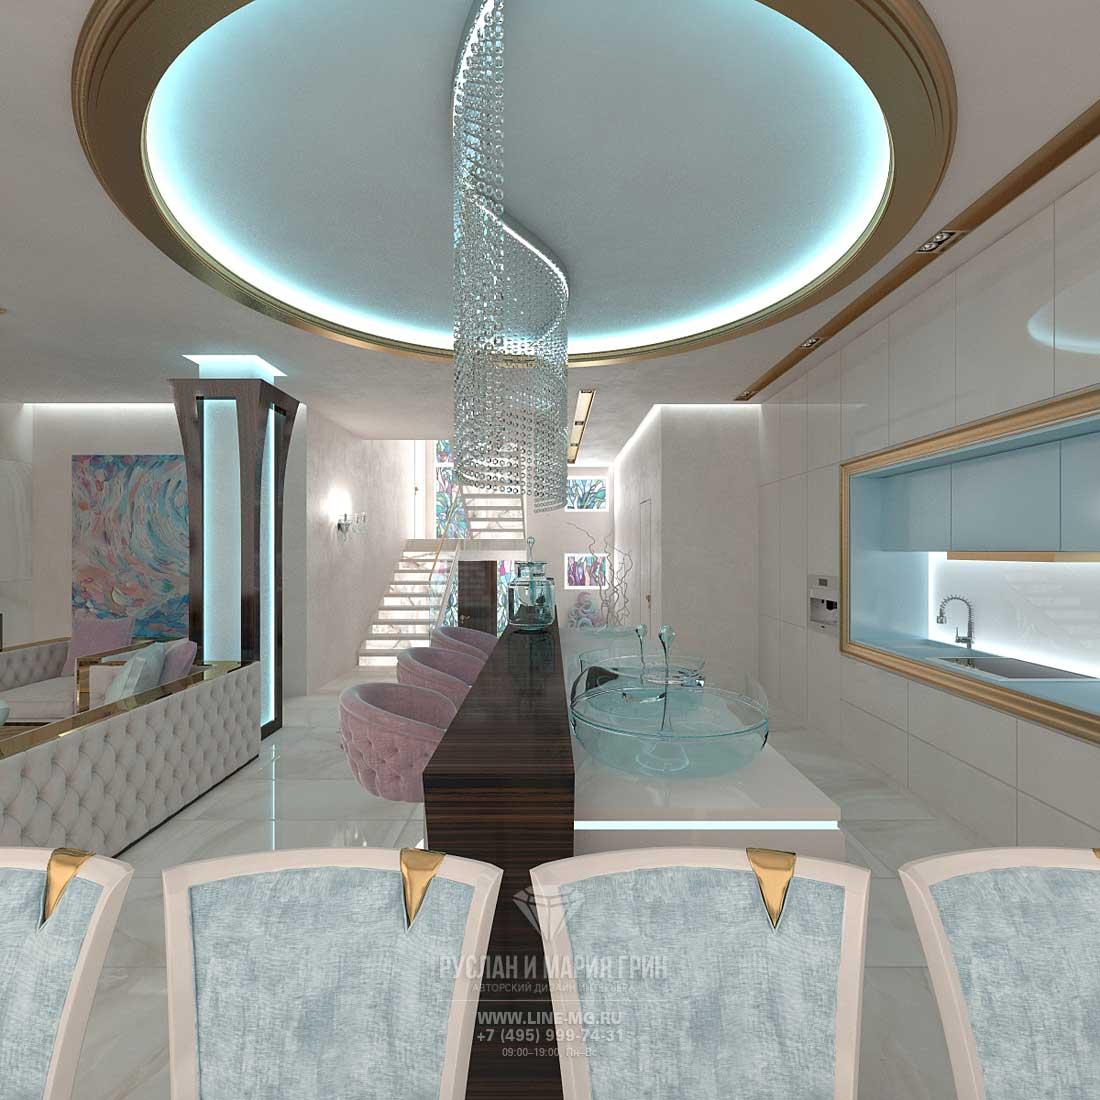 Дизайн кухни, совмещенной с гостиной. Фото интерьера частного дома